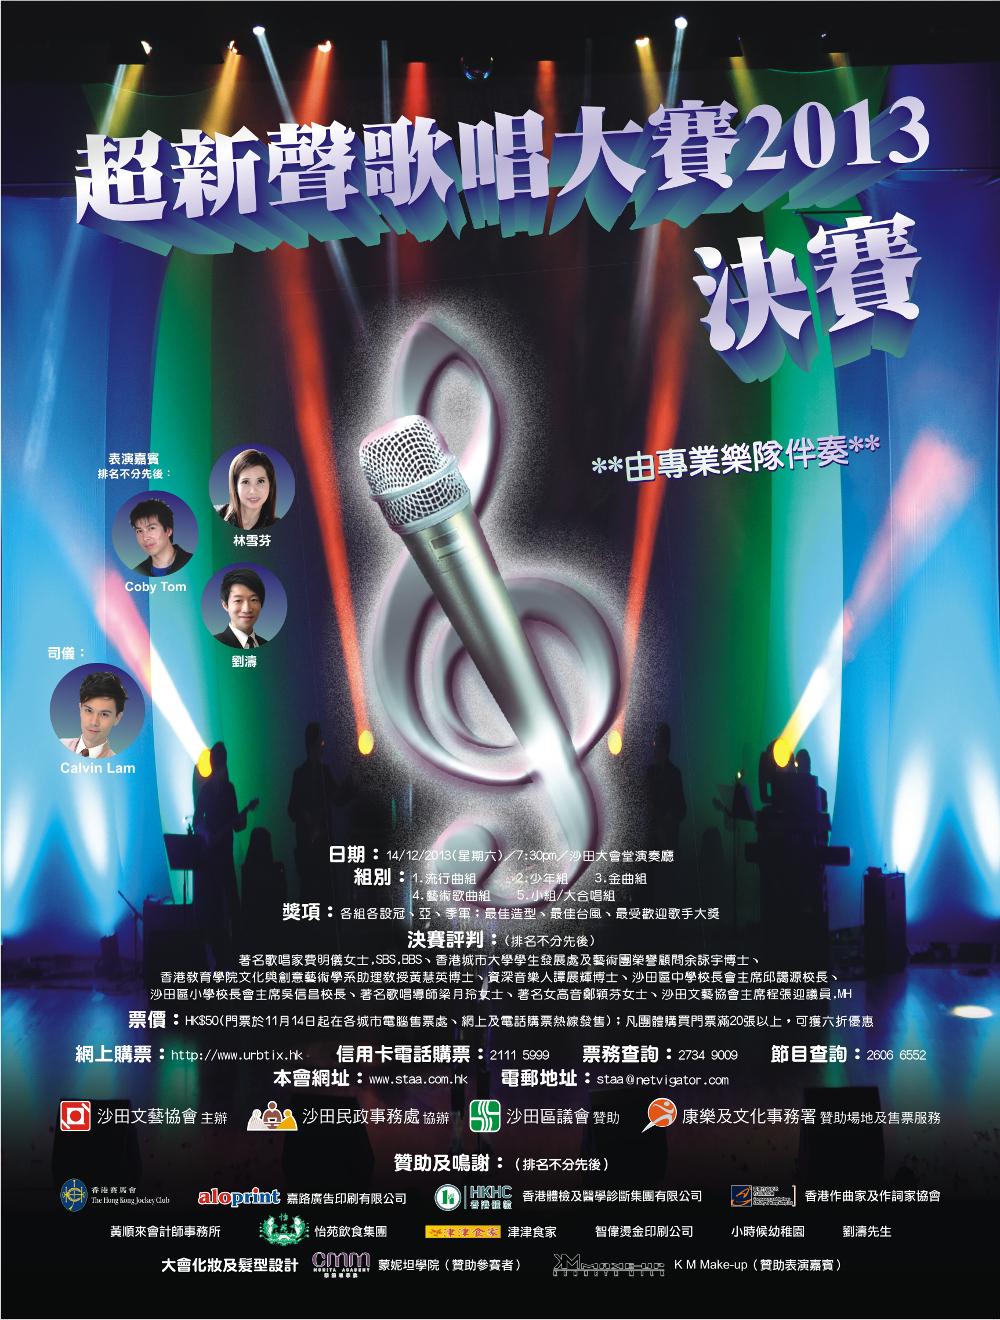 文艺社团手绘宣传海报